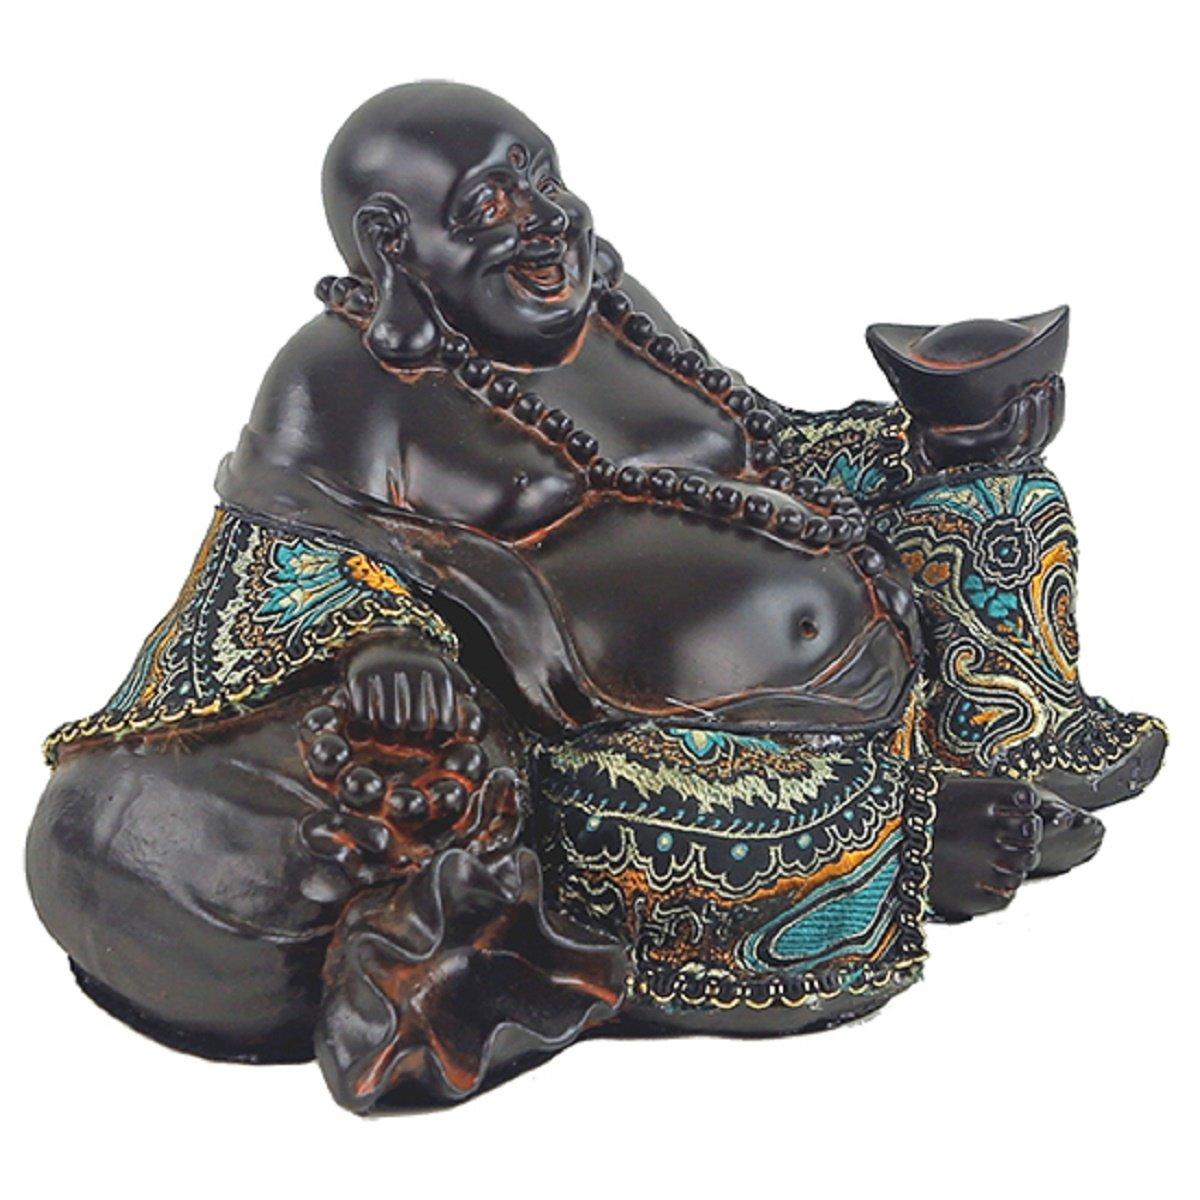 Estatua Buda chino sonriente con tela Prosperidad s/ímbolo felicidad y riqueza 21.5/x 16/x 13.5/cm China 530/gr Estatua Ridente